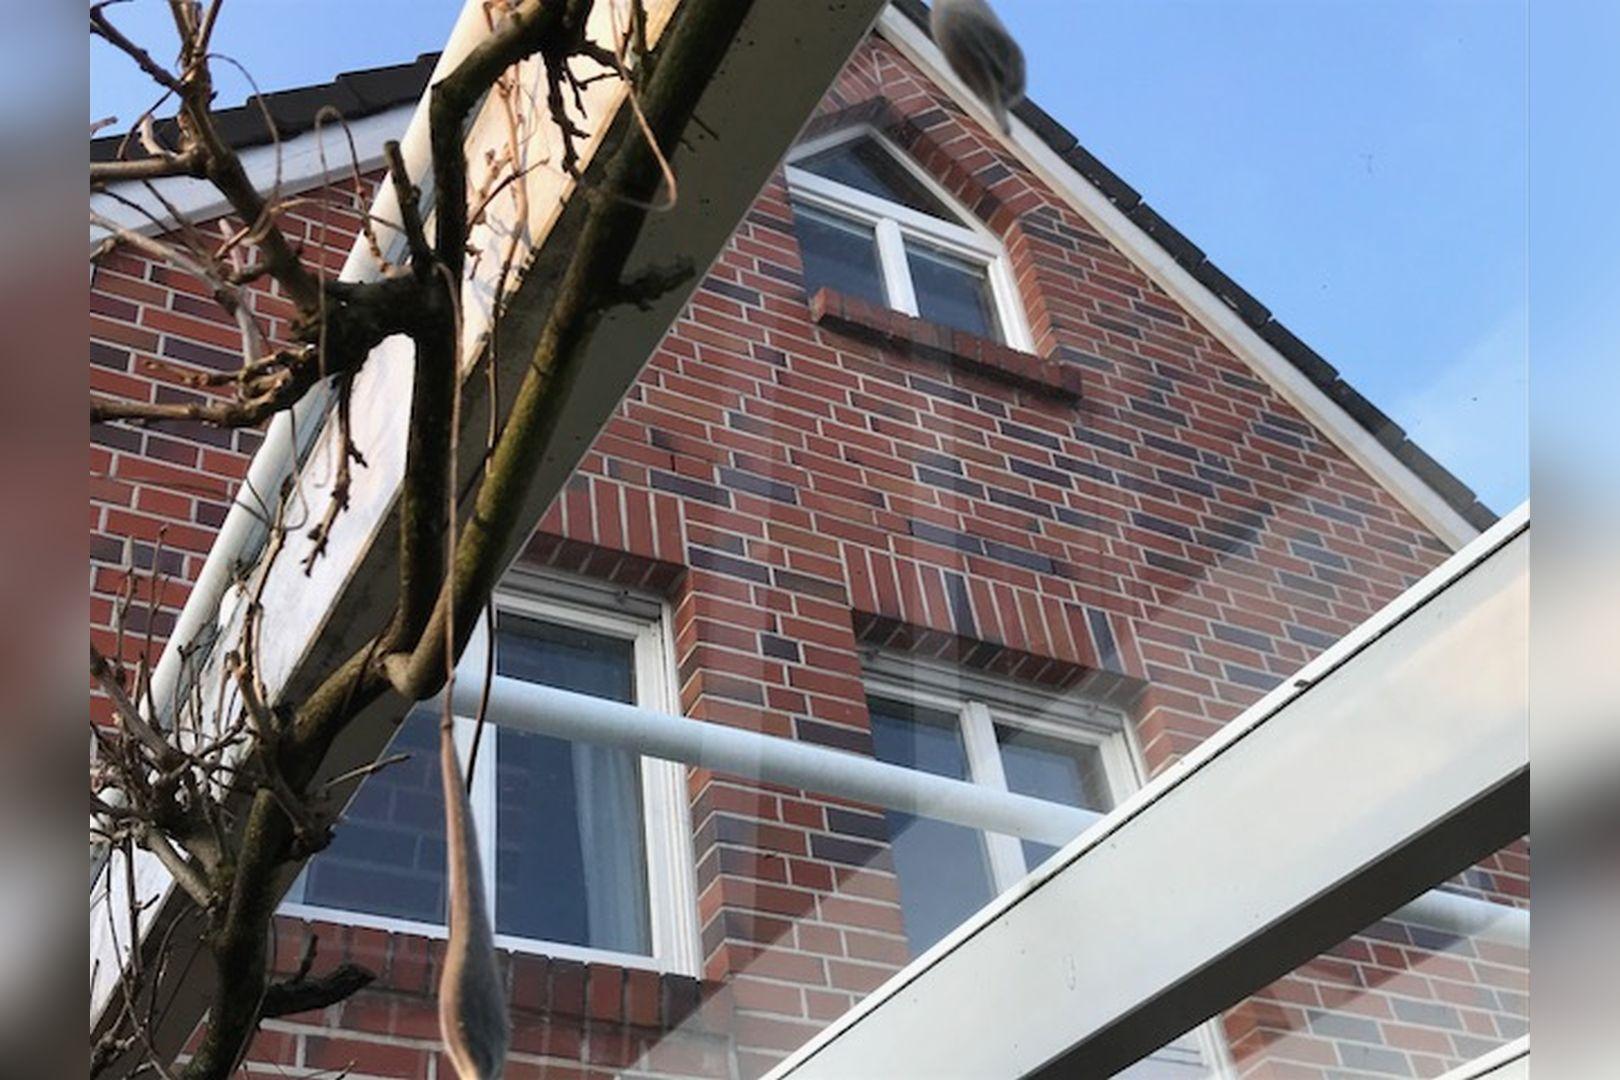 Immobilie Nr.0215 | Wasserstraße 8, 40668 Meerbusch - Lank